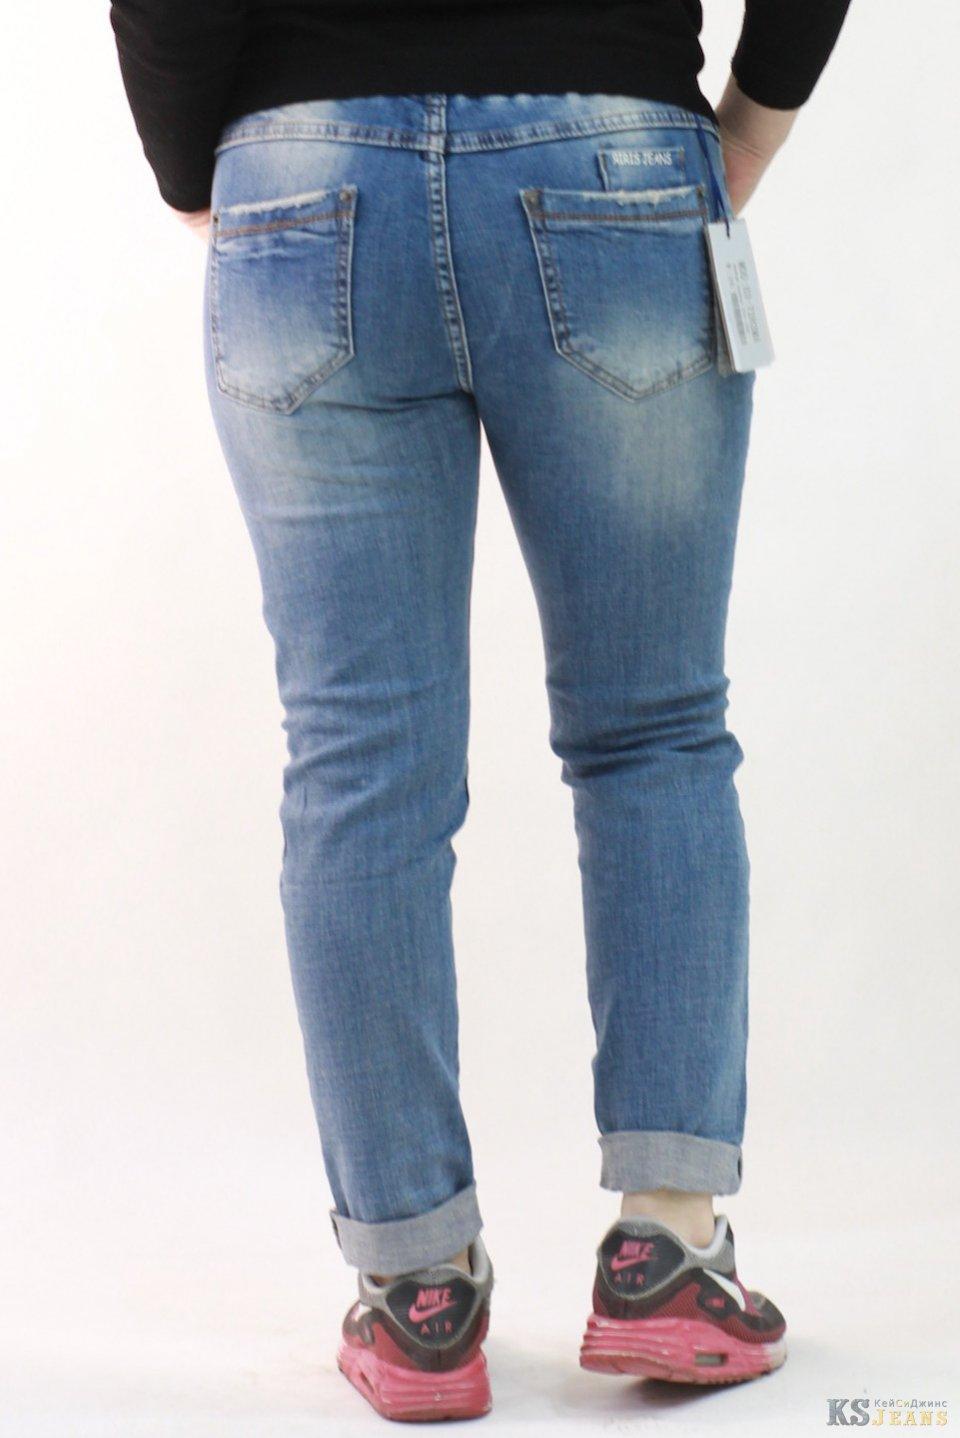 ad92c5f2c89 Джинсы бойфренды ЯIRIS » Отдел джинсовой одежды